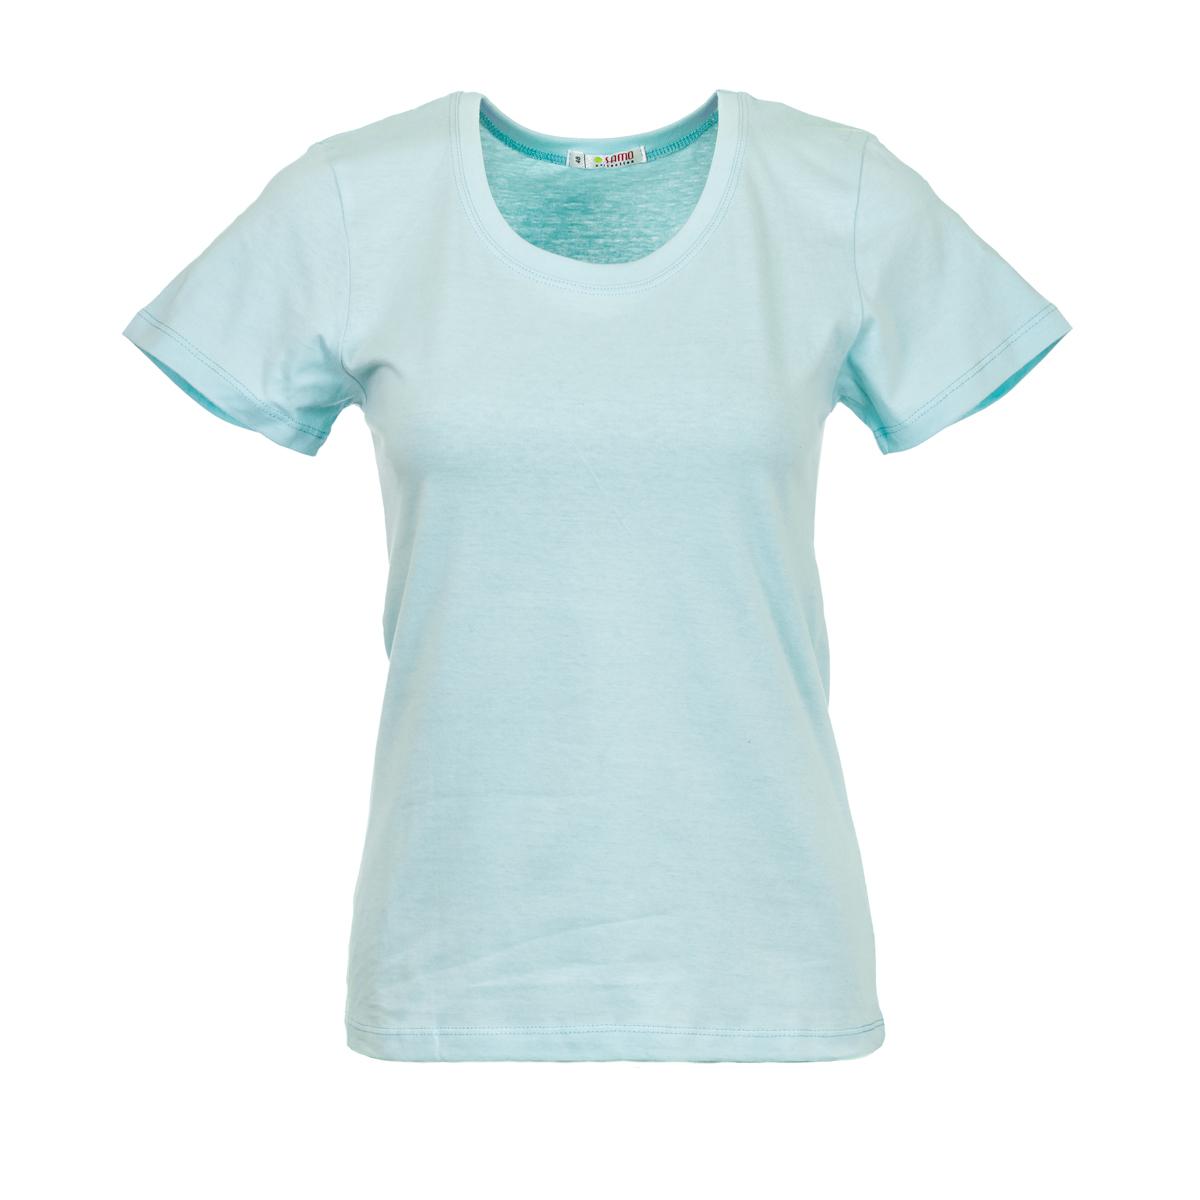 Жен. футболка арт. 04-0045 Коралловый р. 48Майки и футболки<br>Фактический ОГ:80 см<br>Фактический ОТ:78 см<br>Фактический ОБ:90 см<br>Длина по спинке:59 см<br>Рост:164-170 см<br><br>Тип: Жен. футболка<br>Размер: 48<br>Материал: Супрем